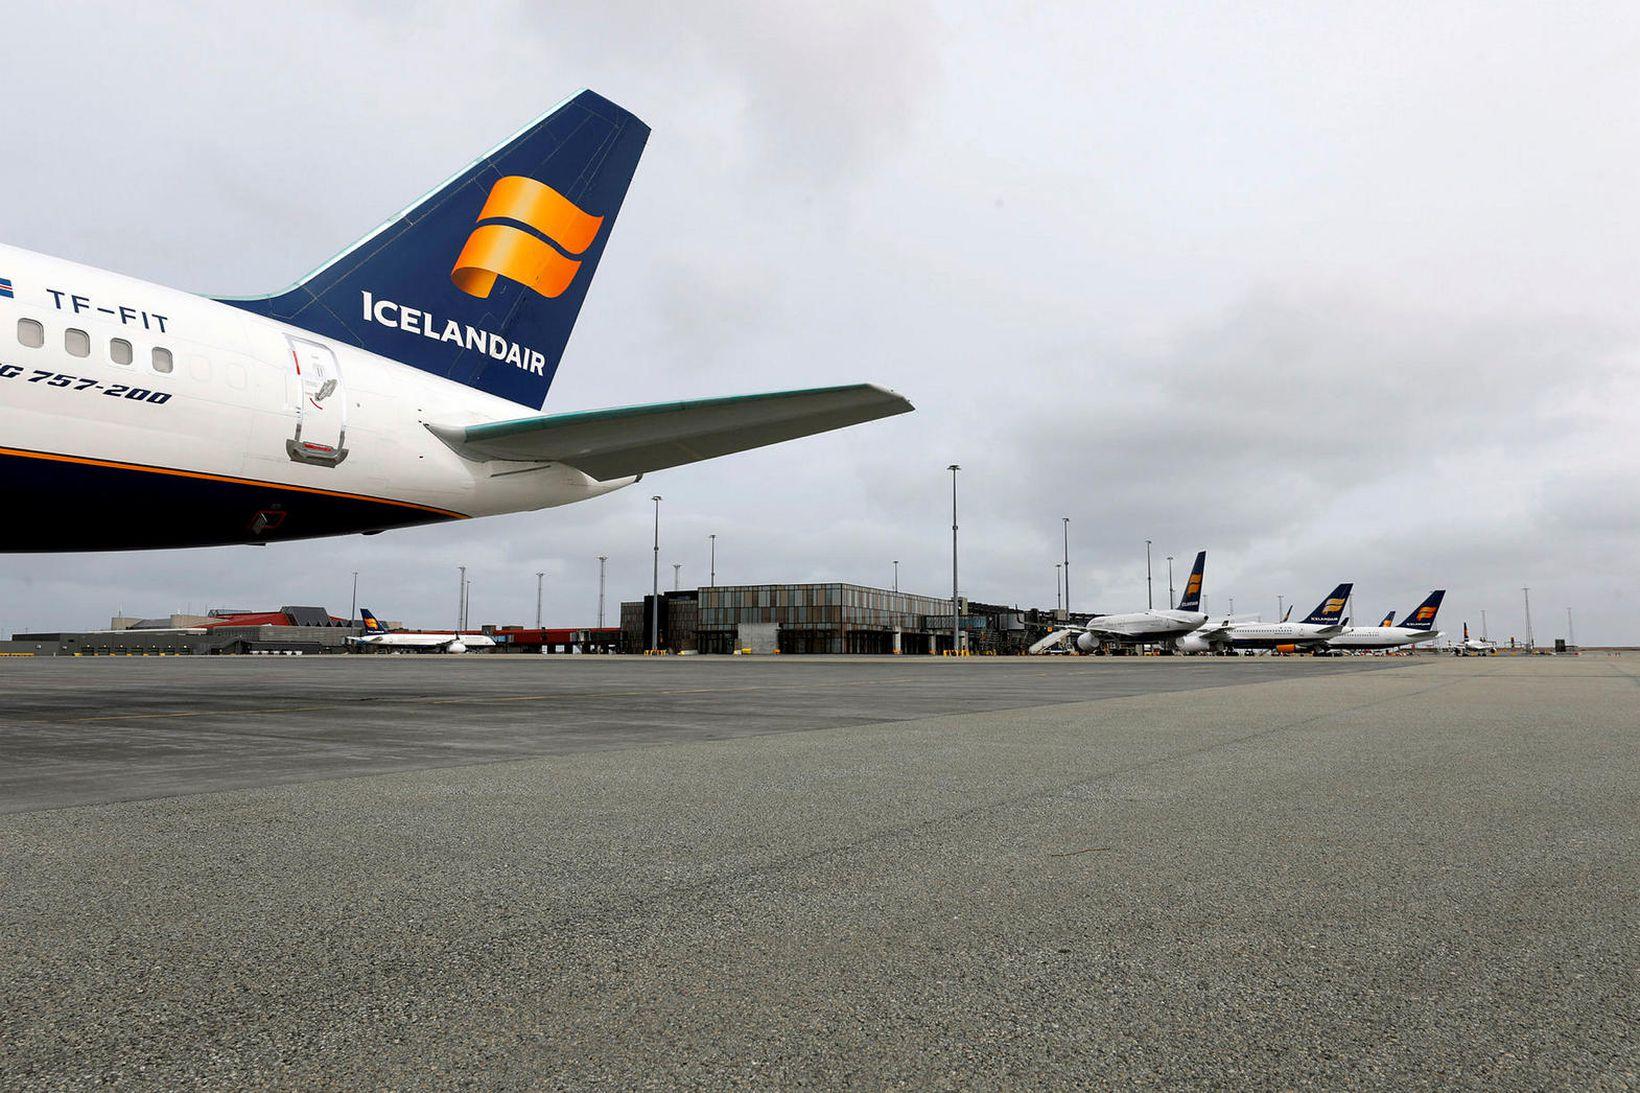 Þórunn hefur starfað hjá Icelandair í tæp fjögur ár og …